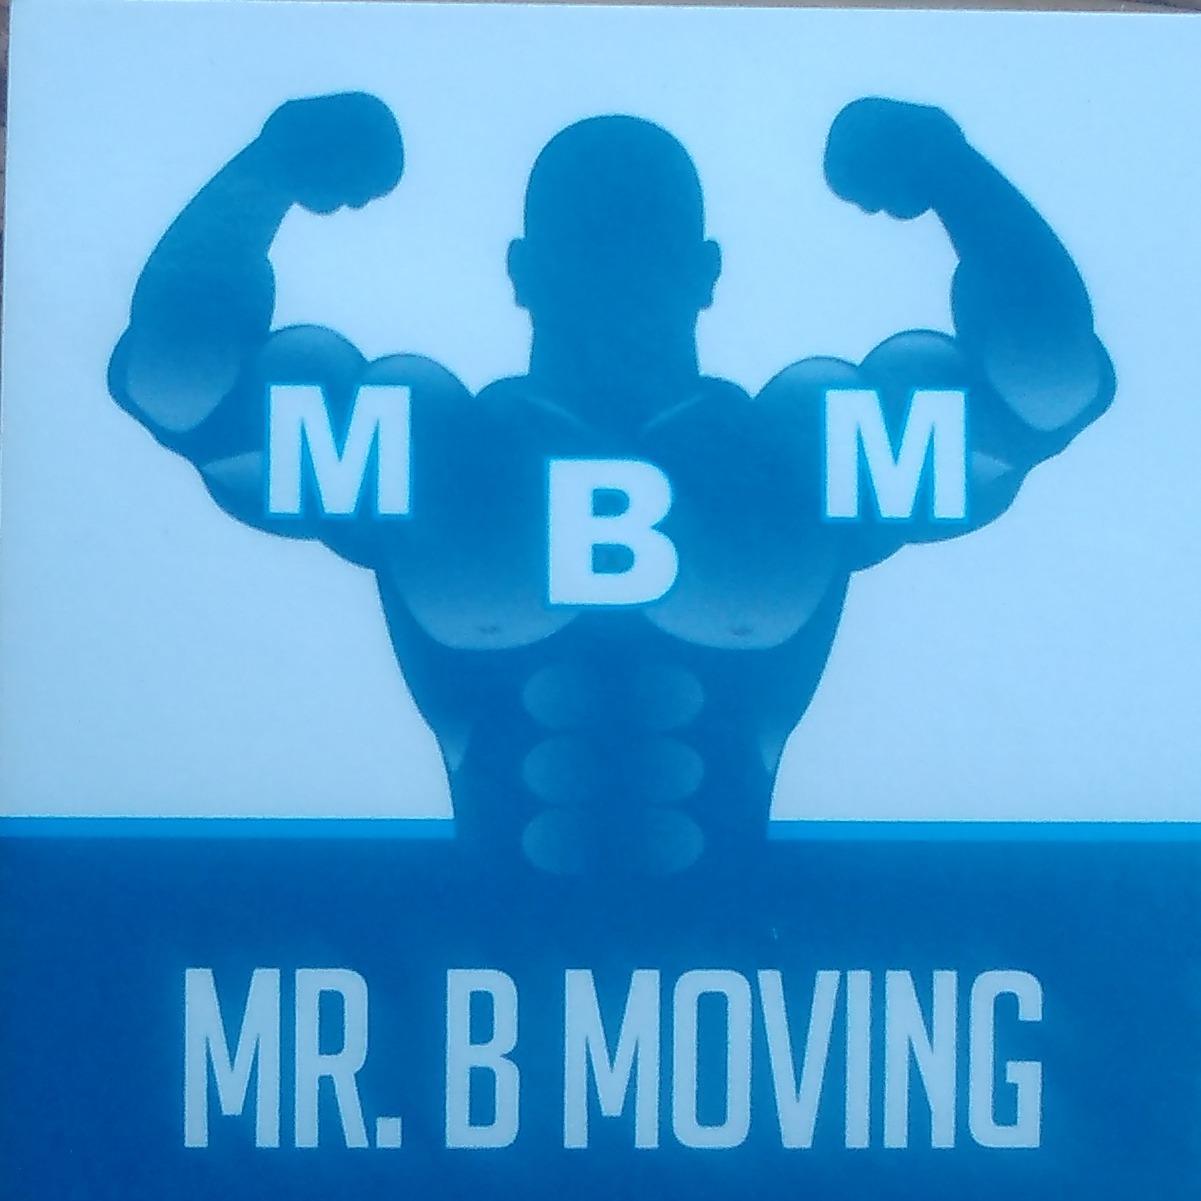 Mr. B Moving - San Bernadino, CA 92404 - (909)419-4376 | ShowMeLocal.com